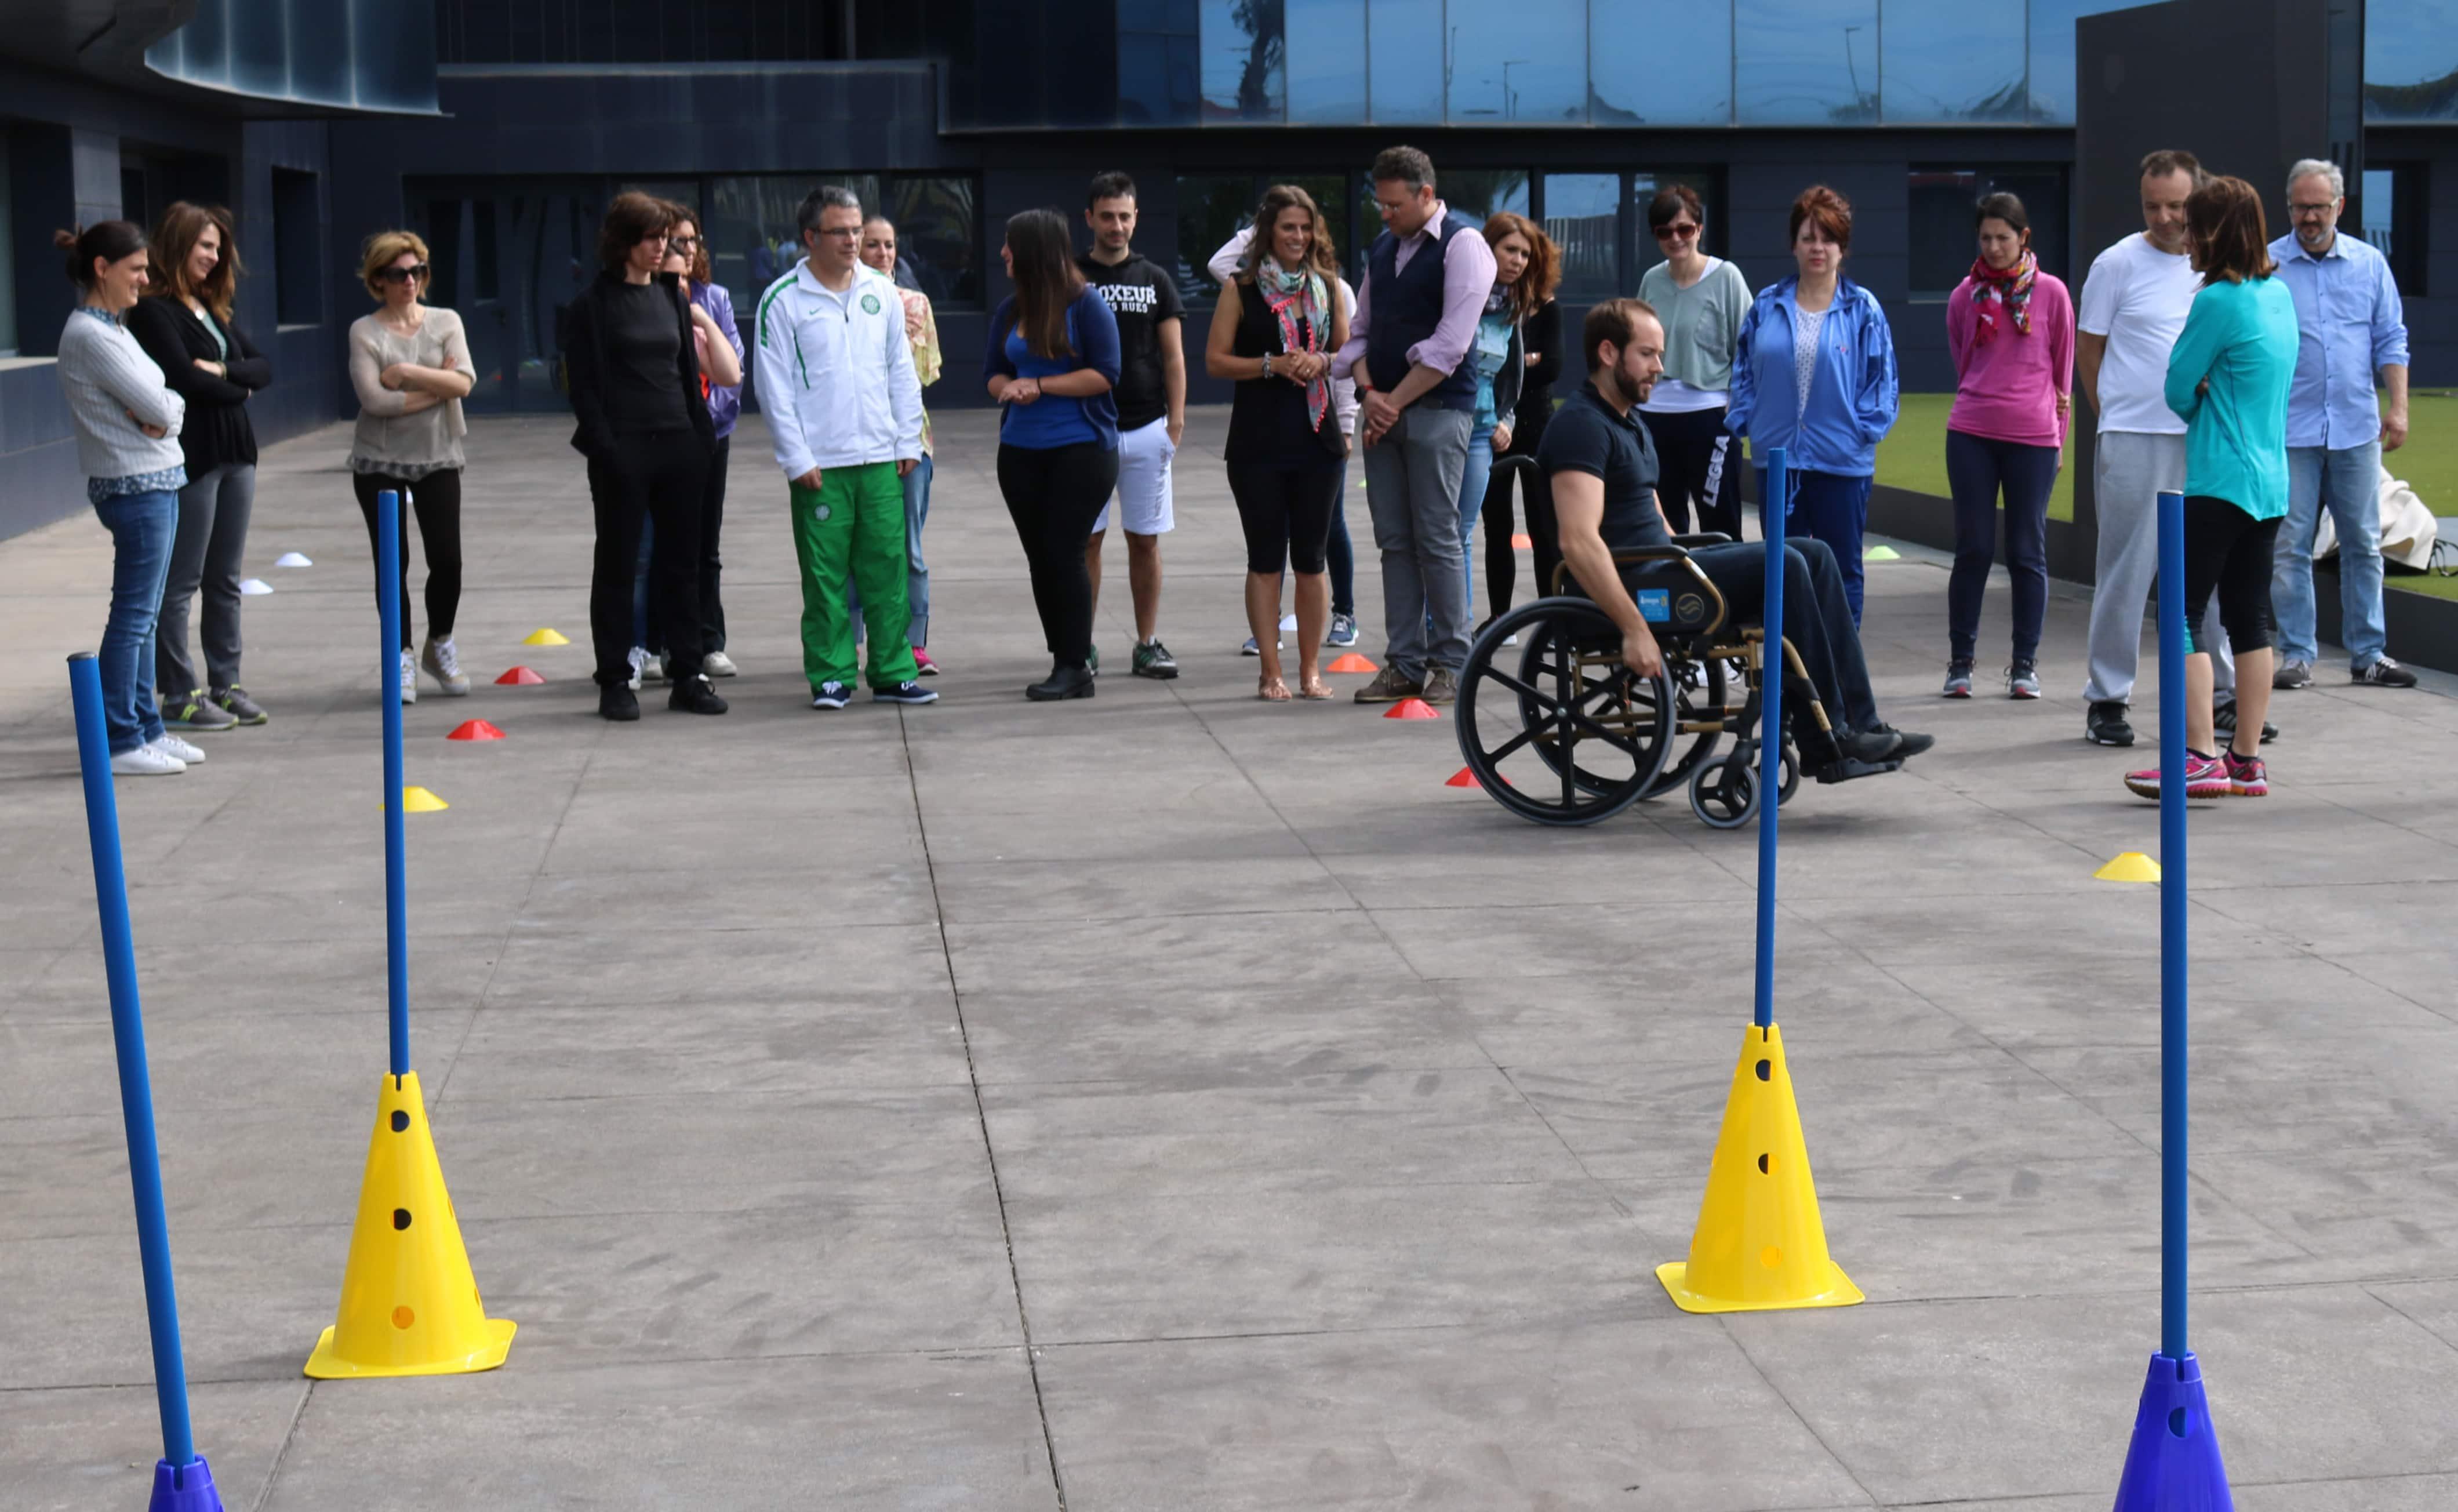 niños con silla de ruedas en educacion fisica